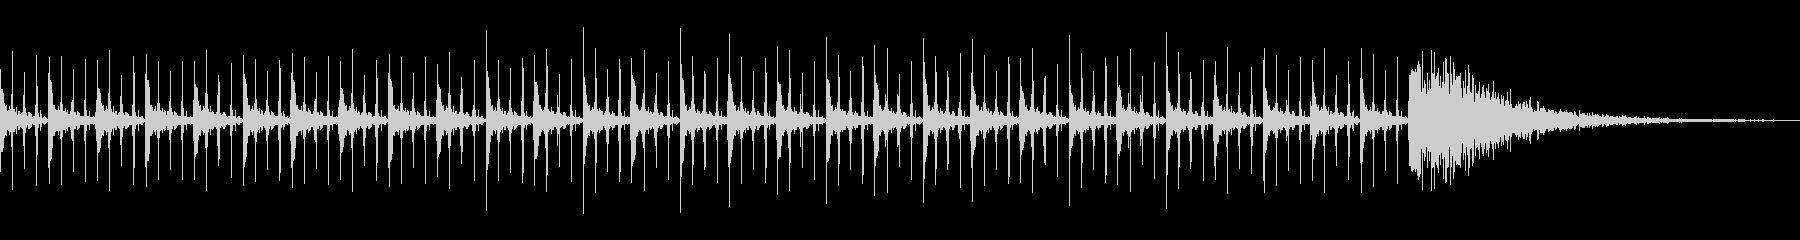 カウントダウン効果音(30秒)の未再生の波形